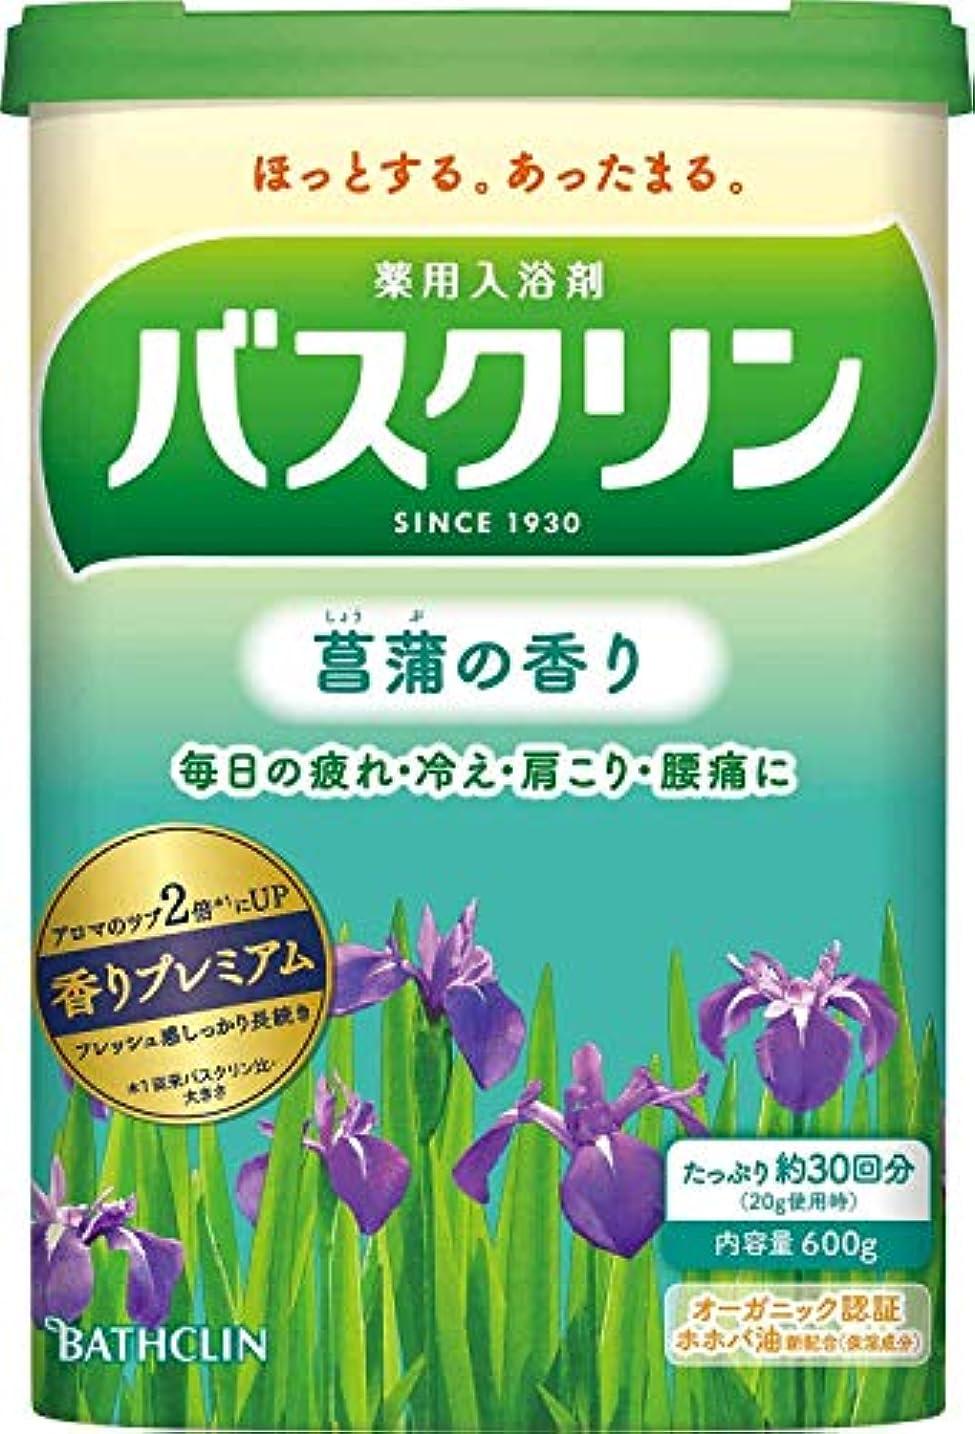 ウォーターフロントパネル趣味【医薬部外品】バスクリン菖蒲の香り600g入浴剤(約30回分)